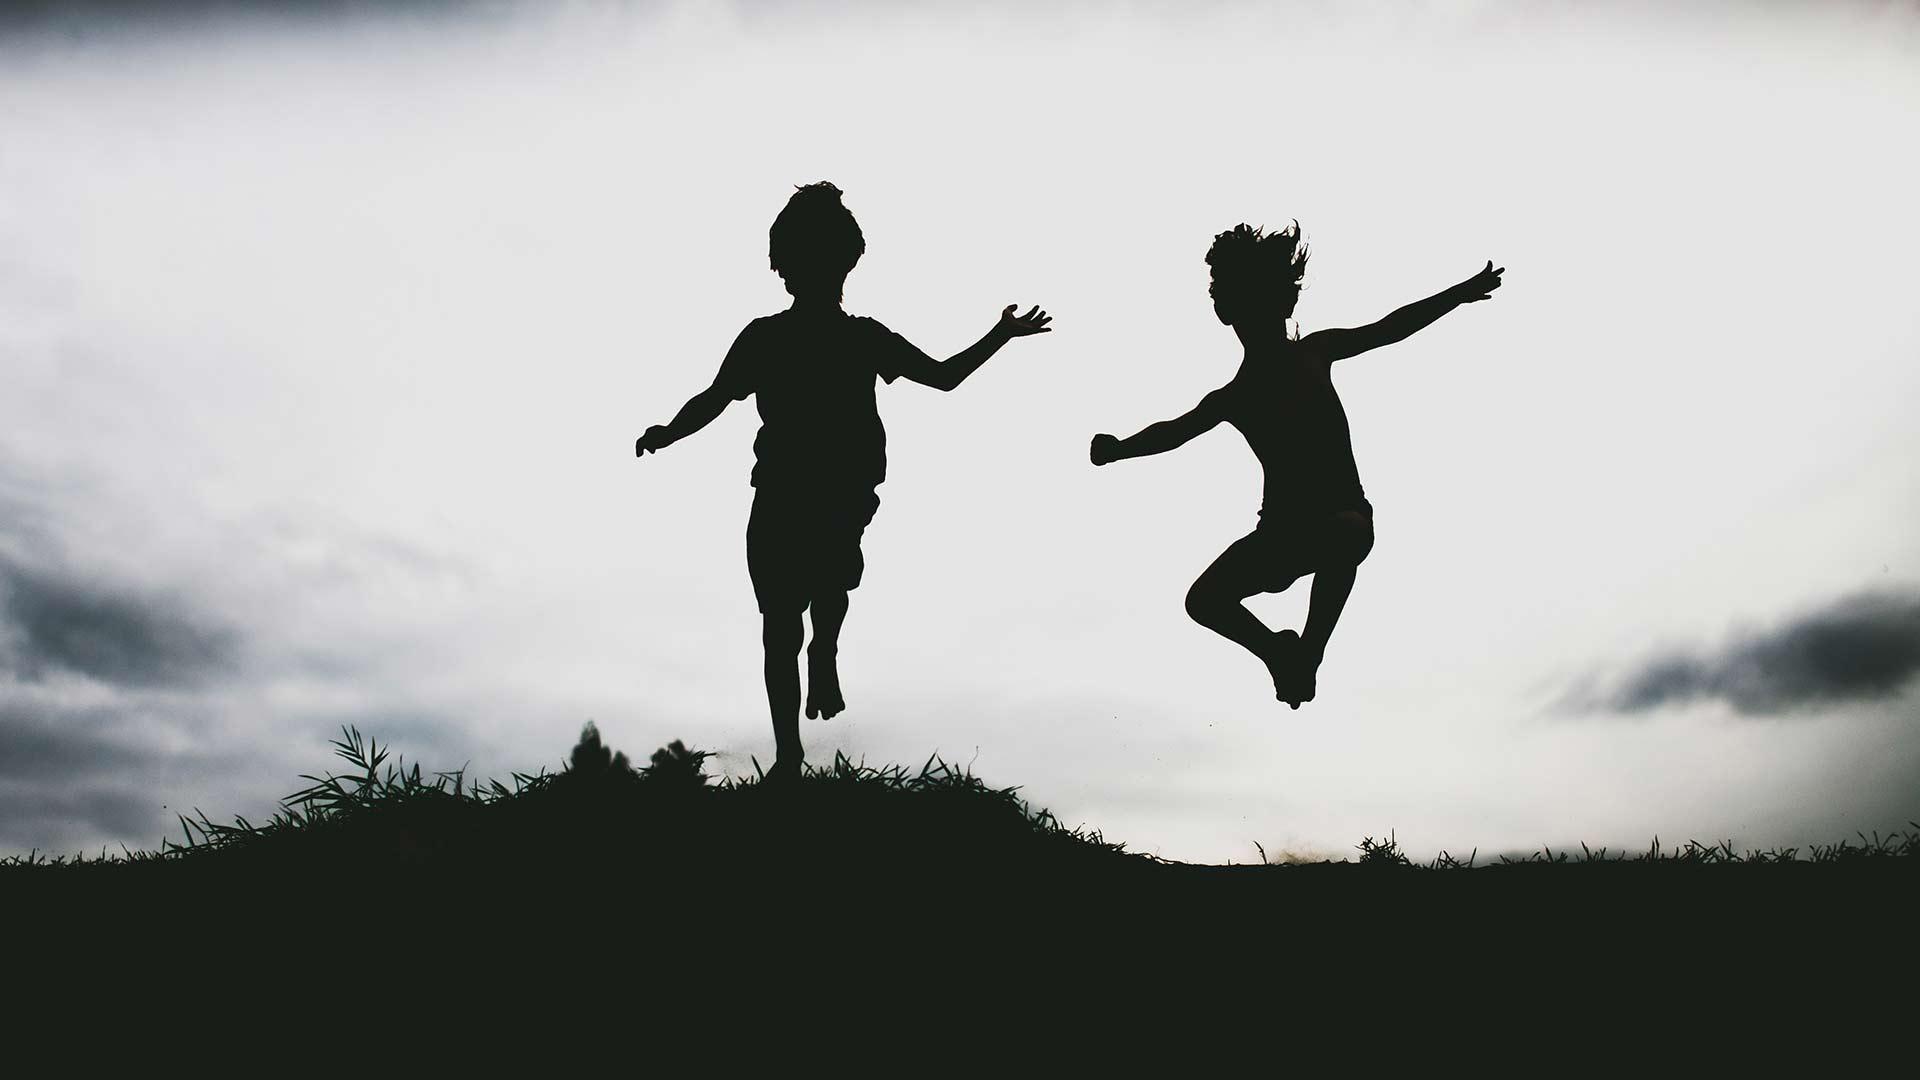 灵性练习使你真正充满活力